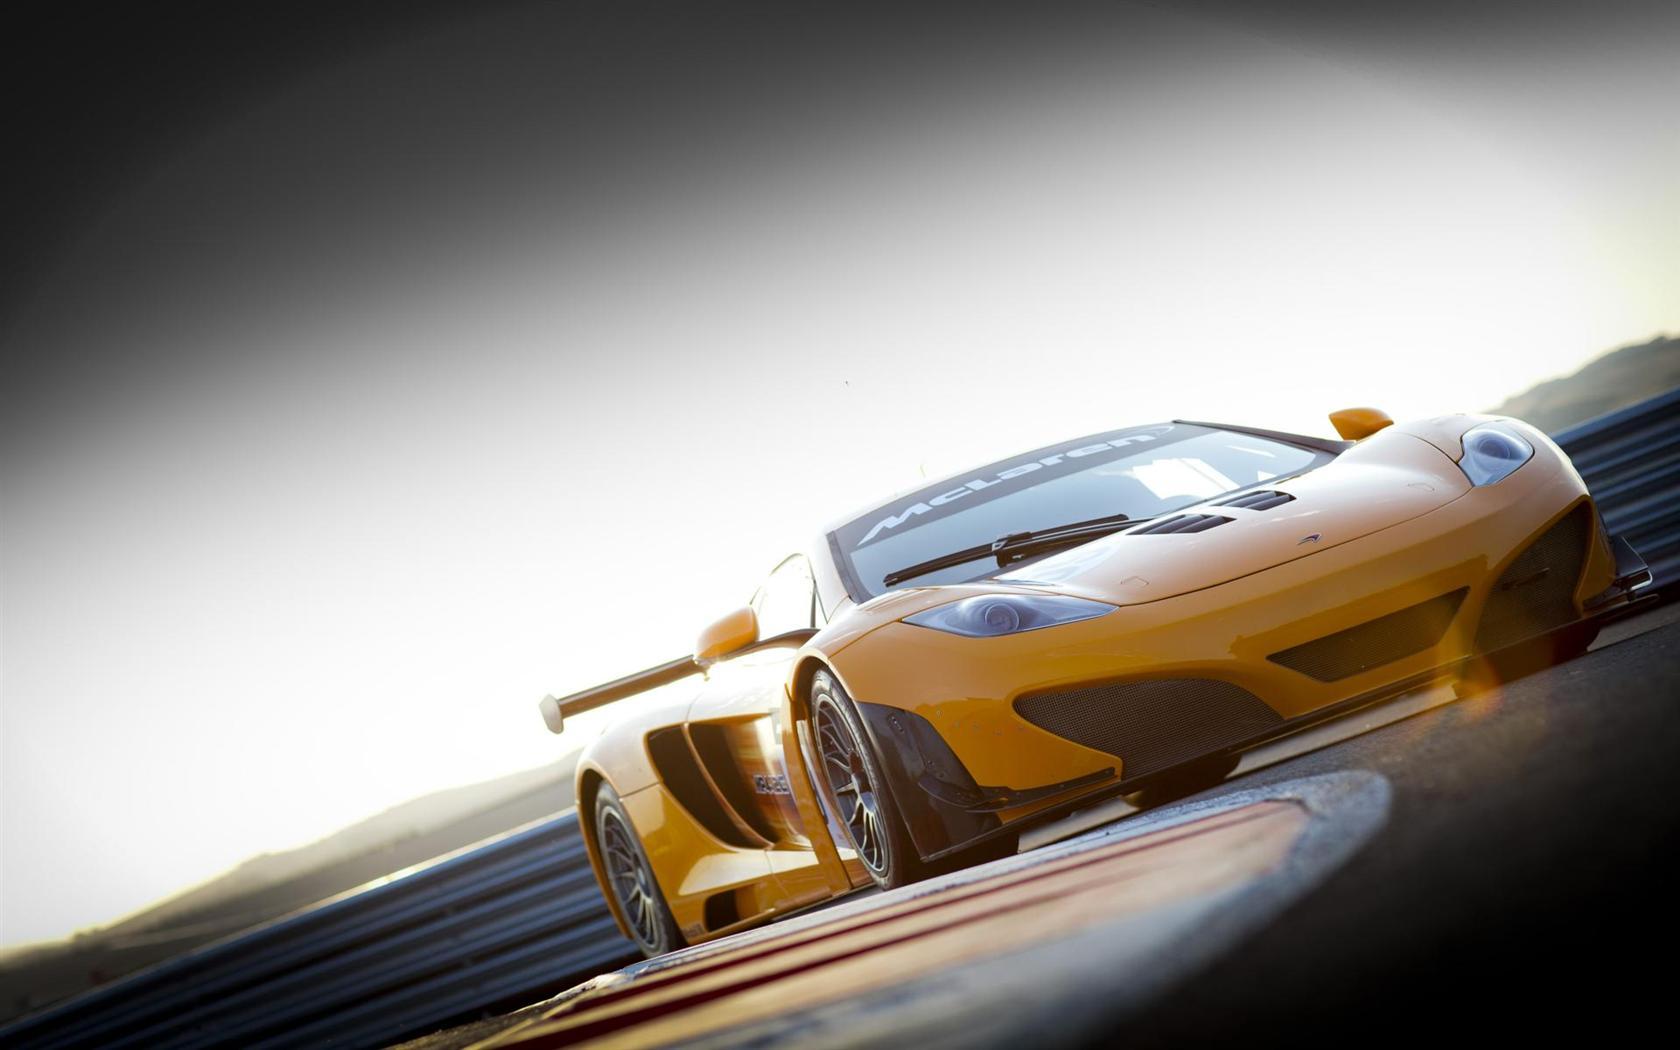 желтый спортивный автомобиль mclaren mp4-12c скачать